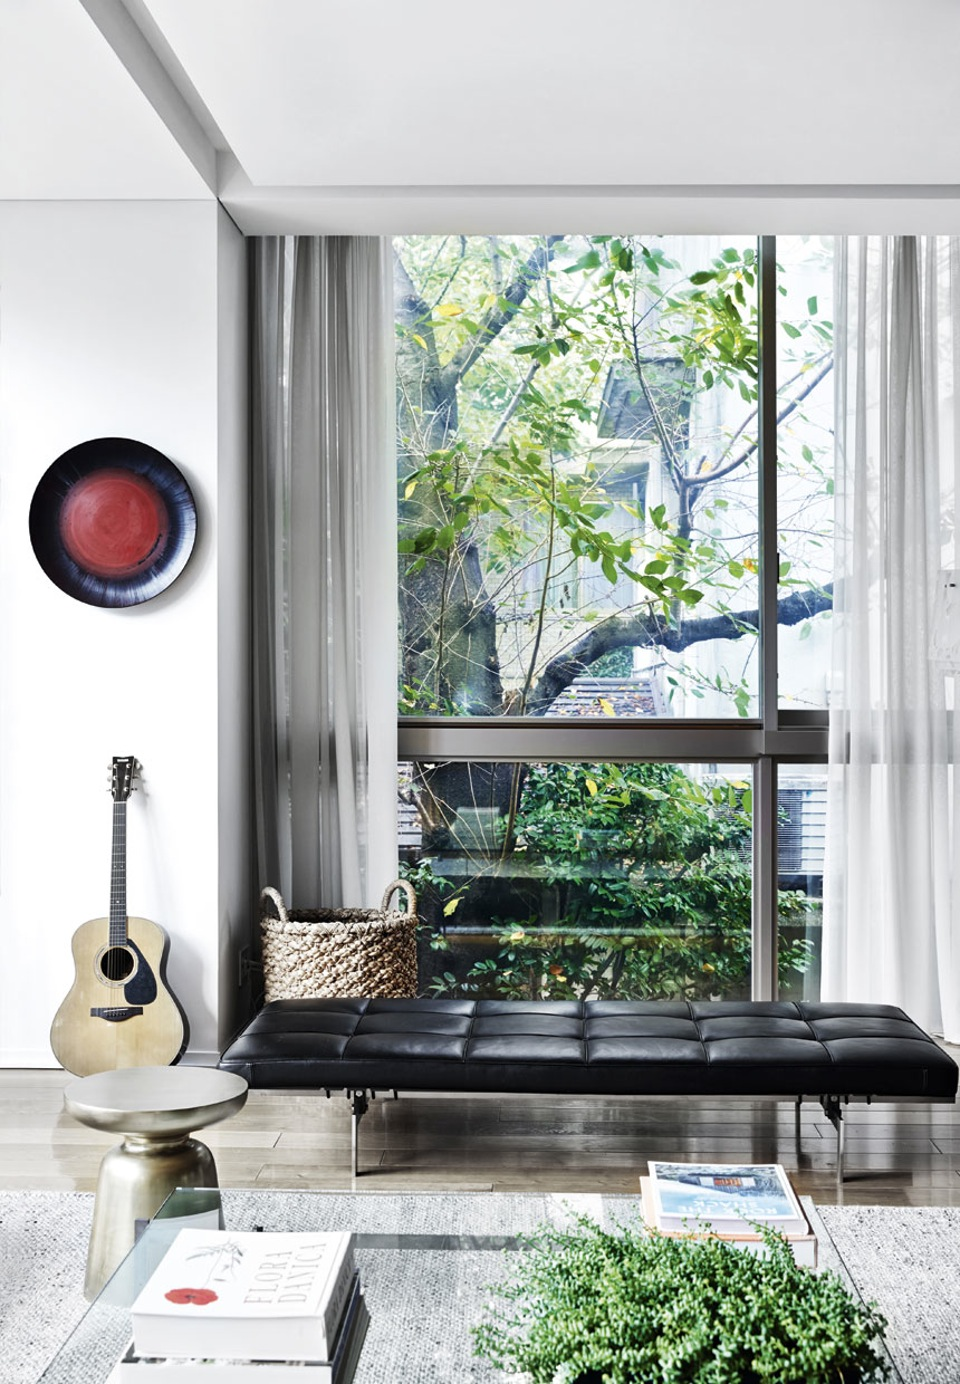 Une maison à Tokyo aux baies vitrées qui ponctuent l'intérieur